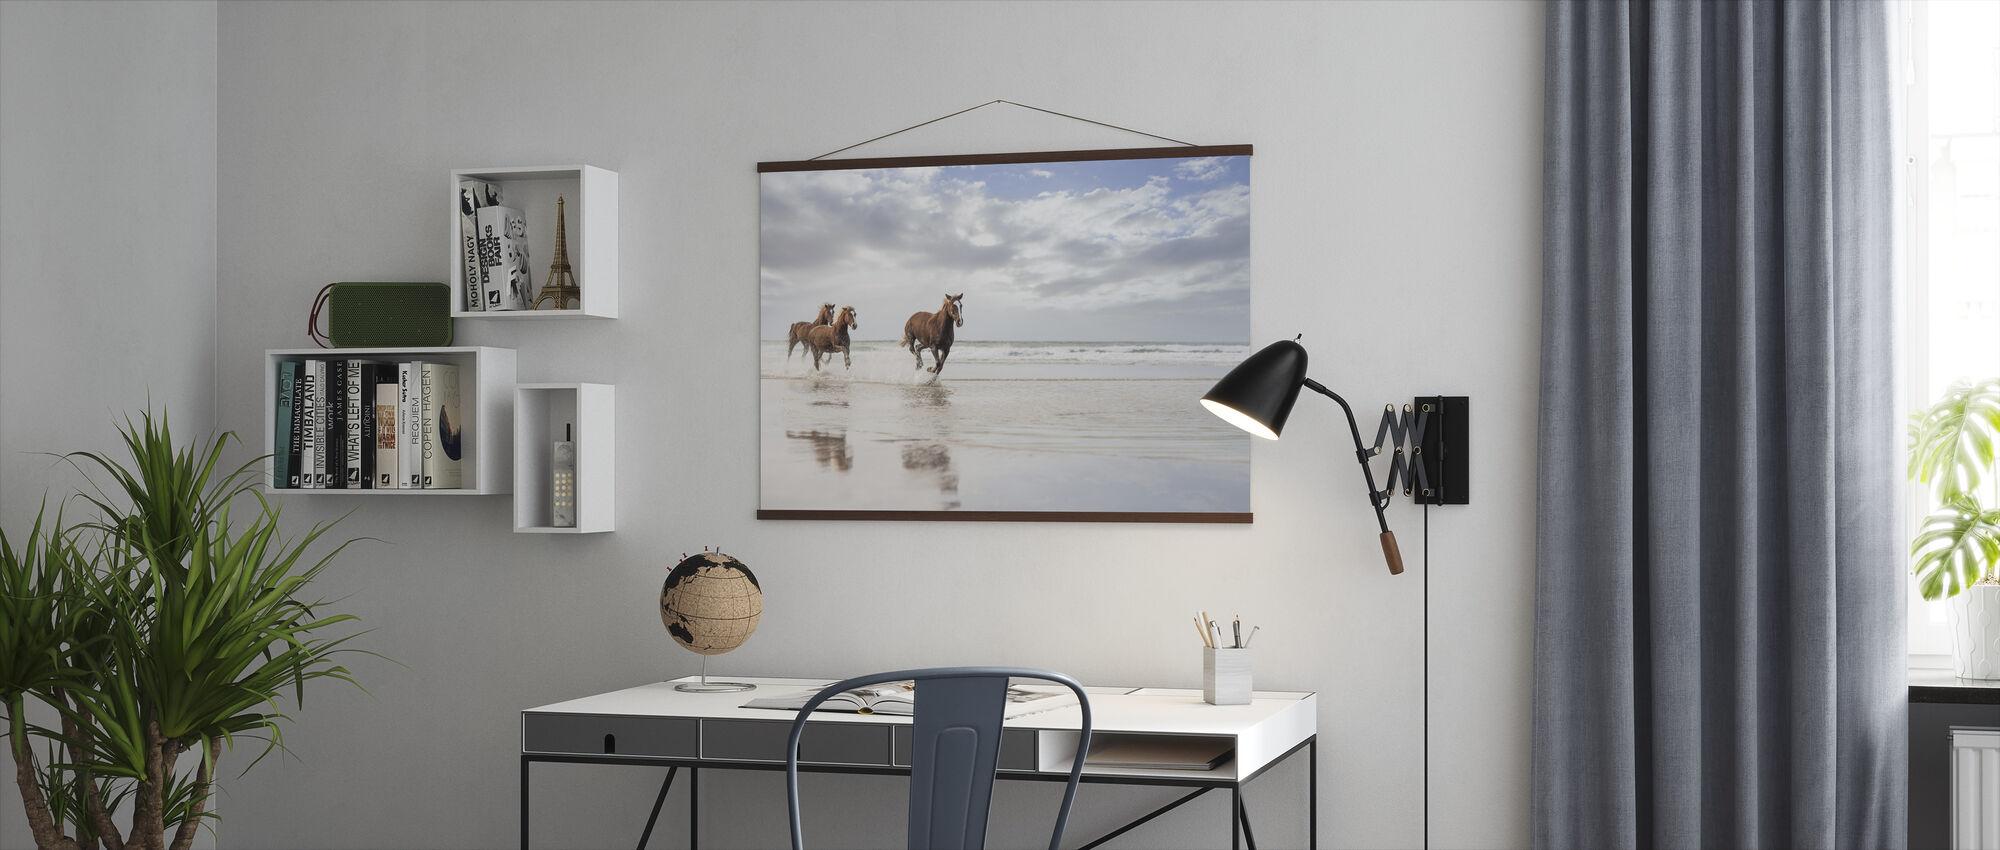 Paarden op Zuid-African Beach - Poster - Kantoor